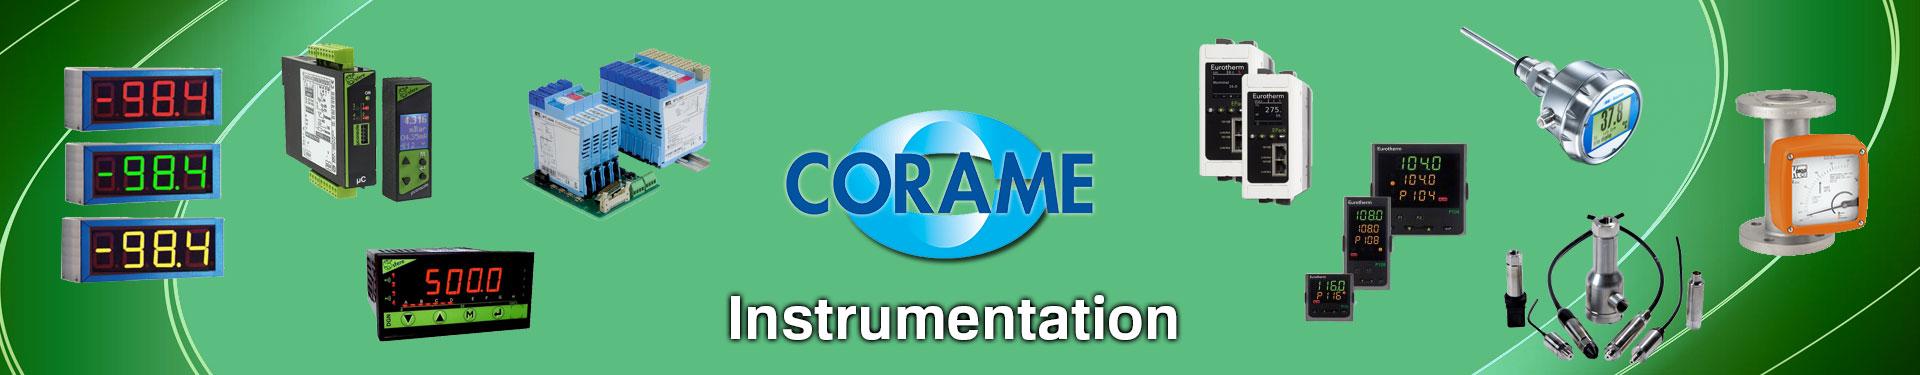 Produits Instrumentation sélectionnés par Corame